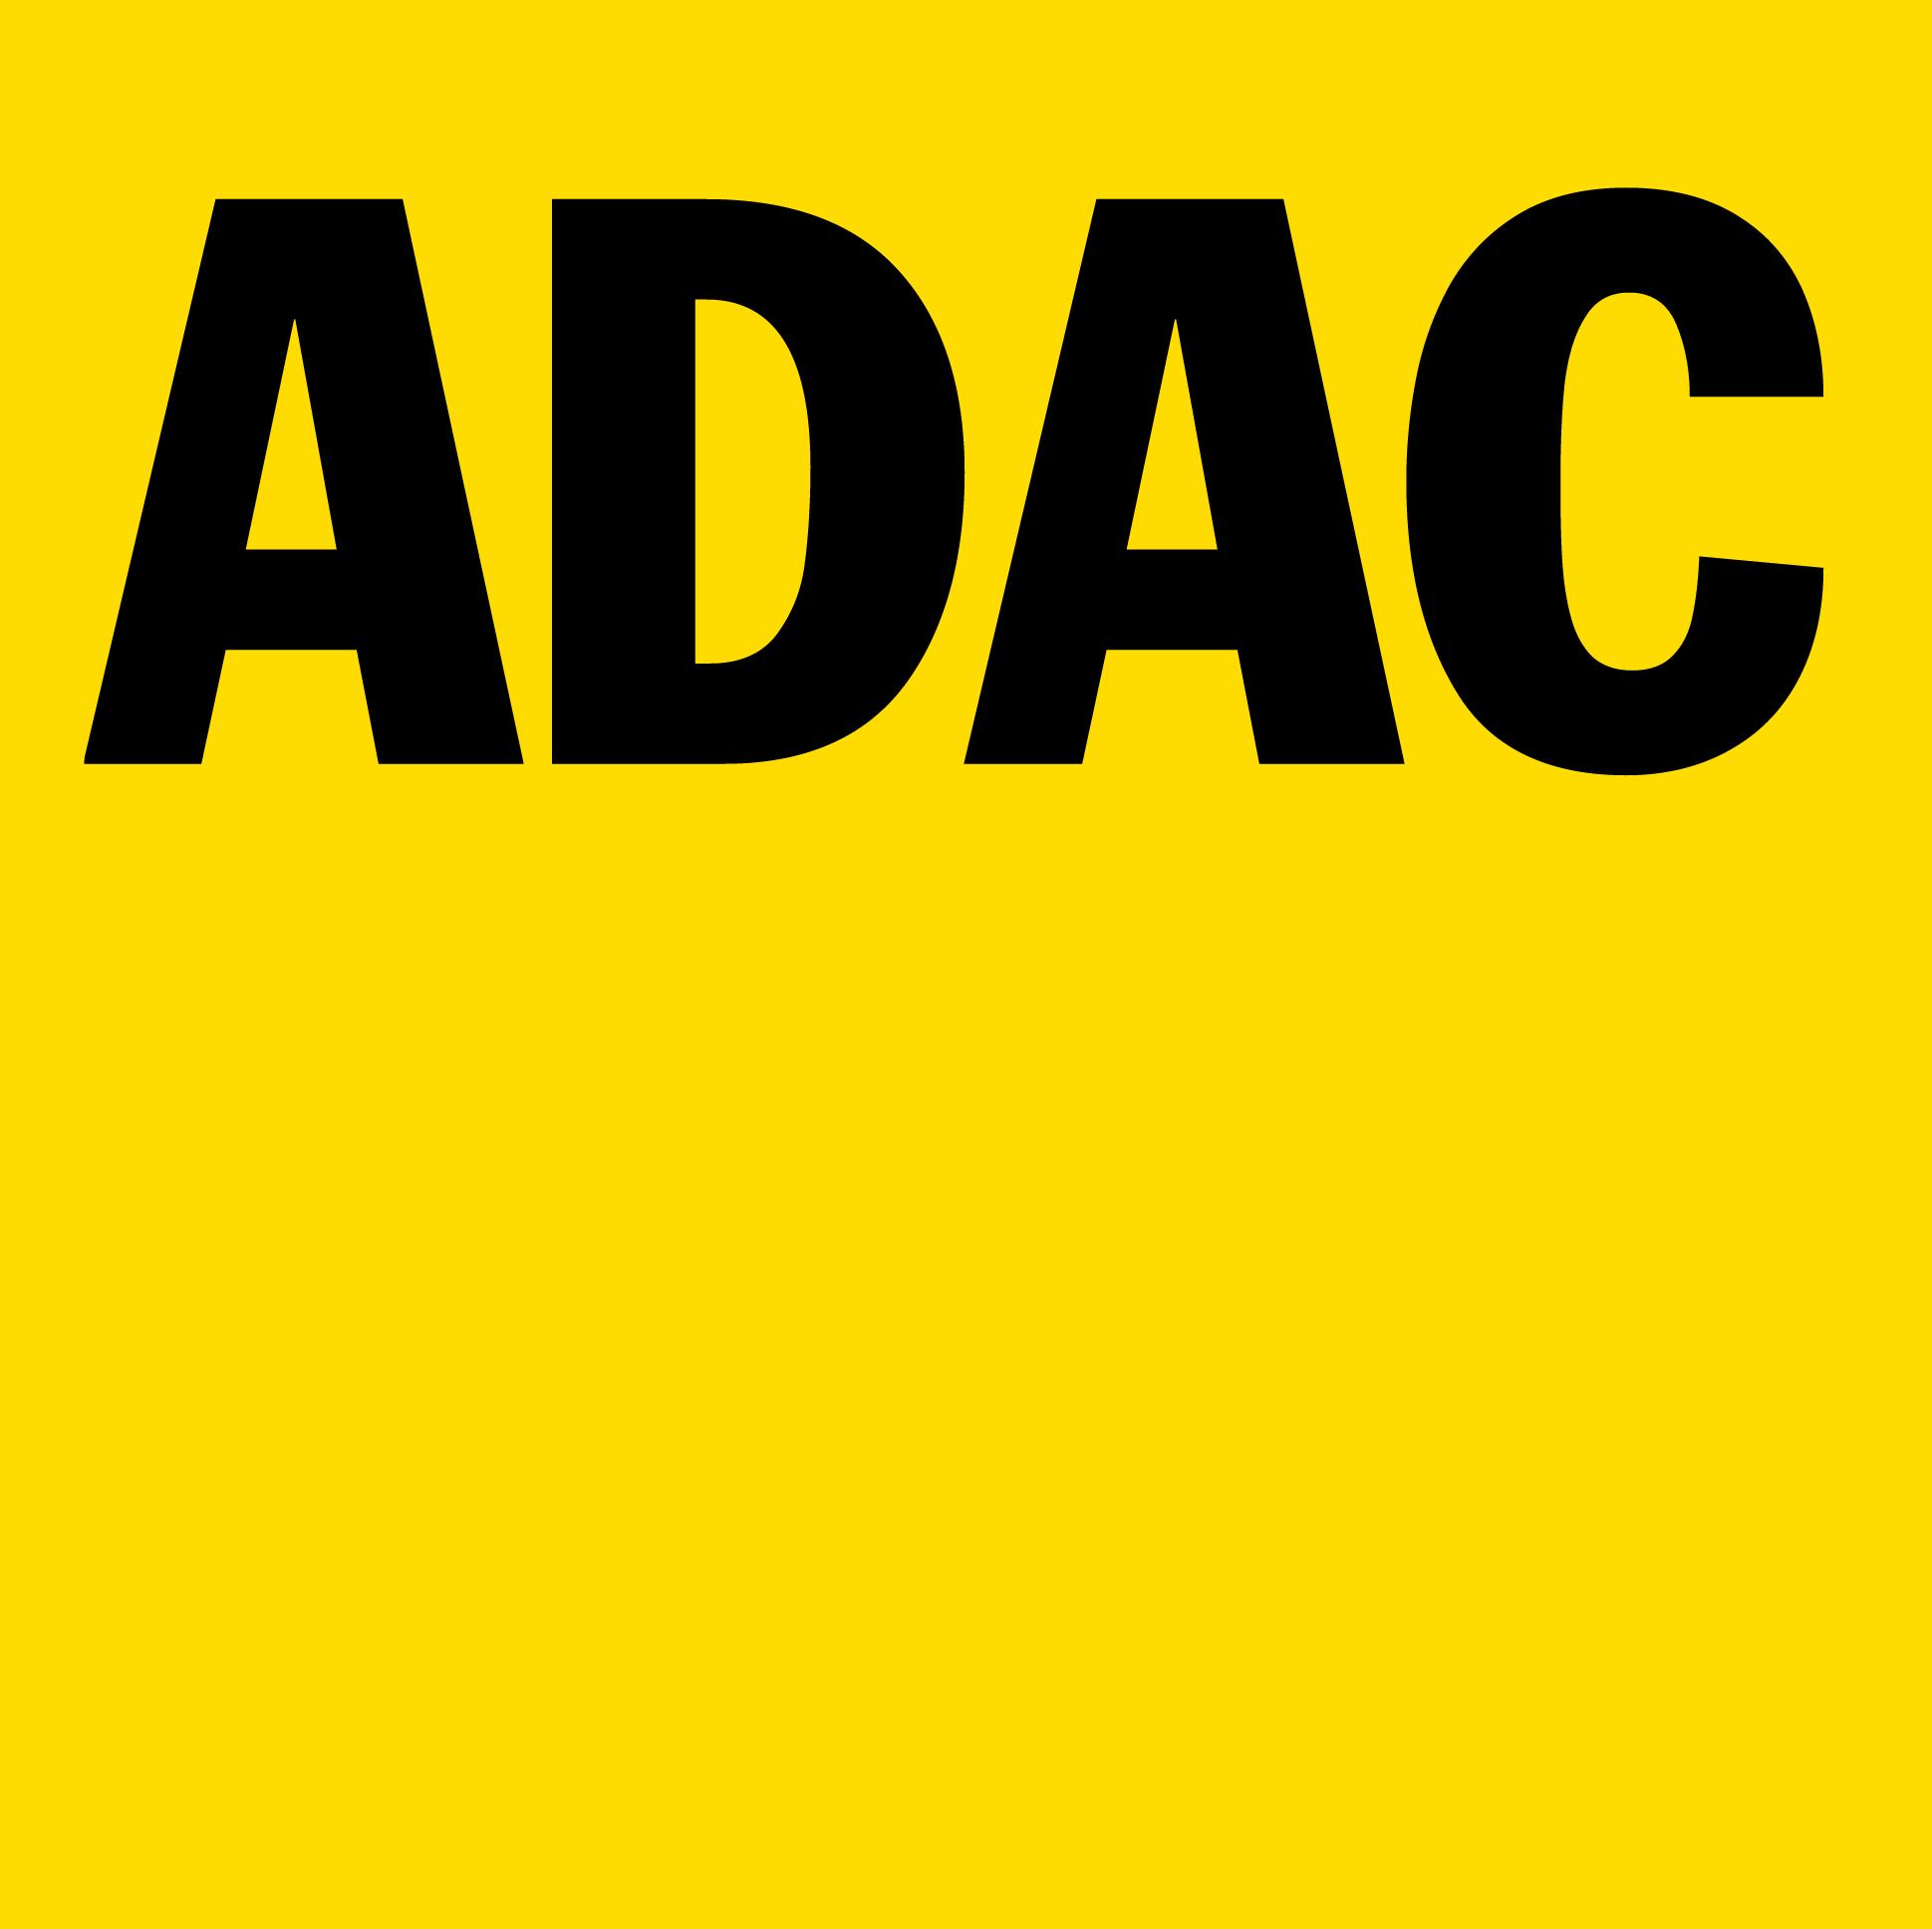 ADAC Logo png